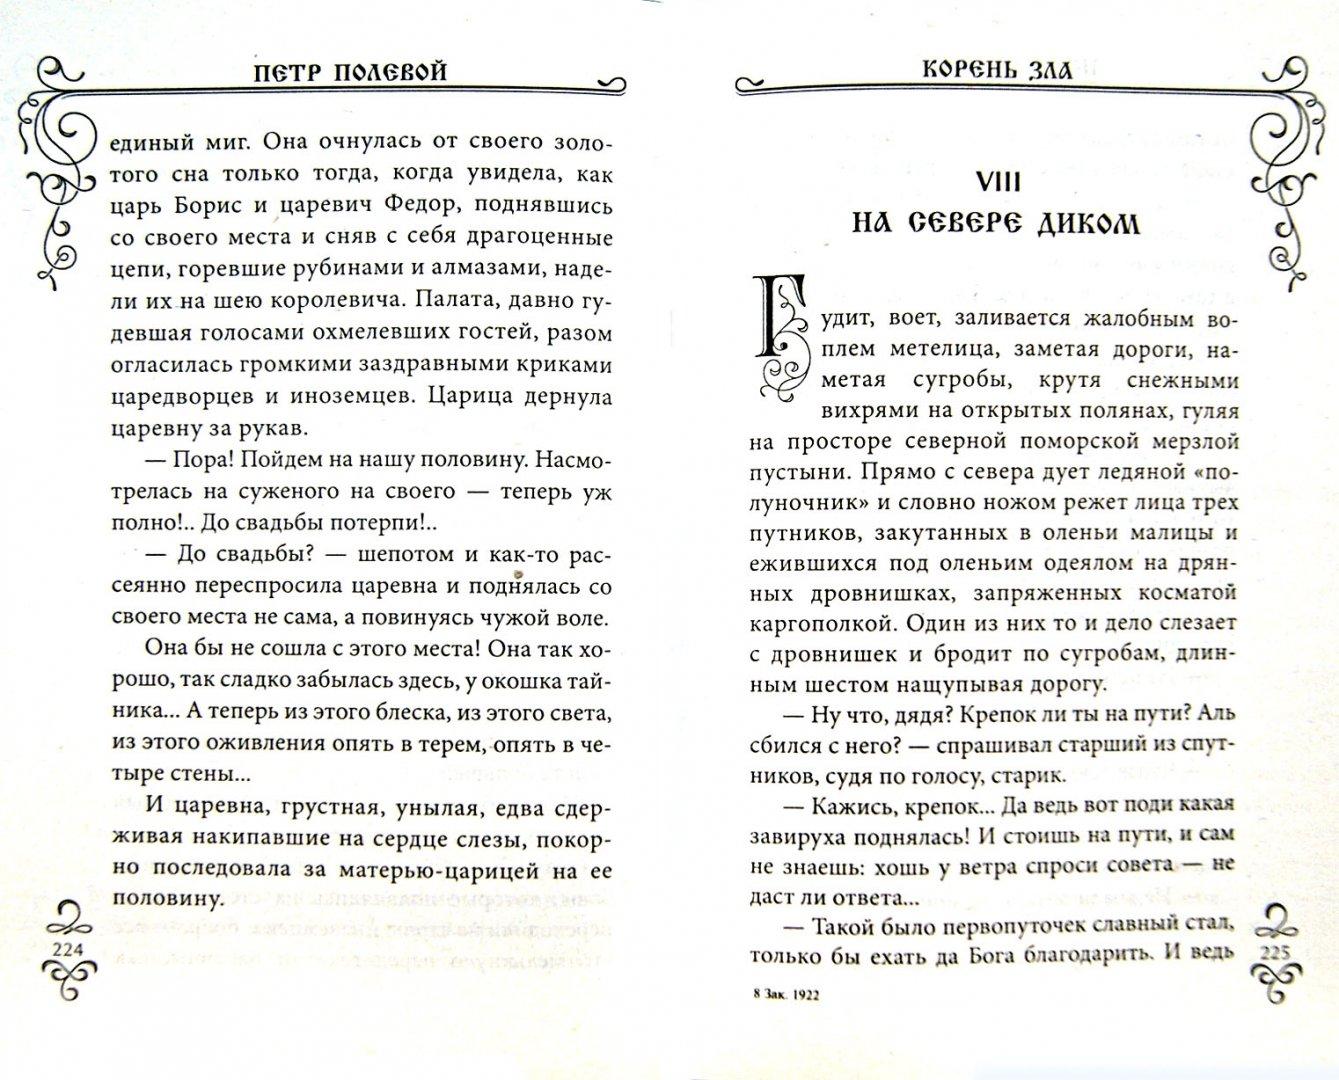 Иллюстрация 1 из 13 для Корень зла - Петр Полевой | Лабиринт - книги. Источник: Лабиринт